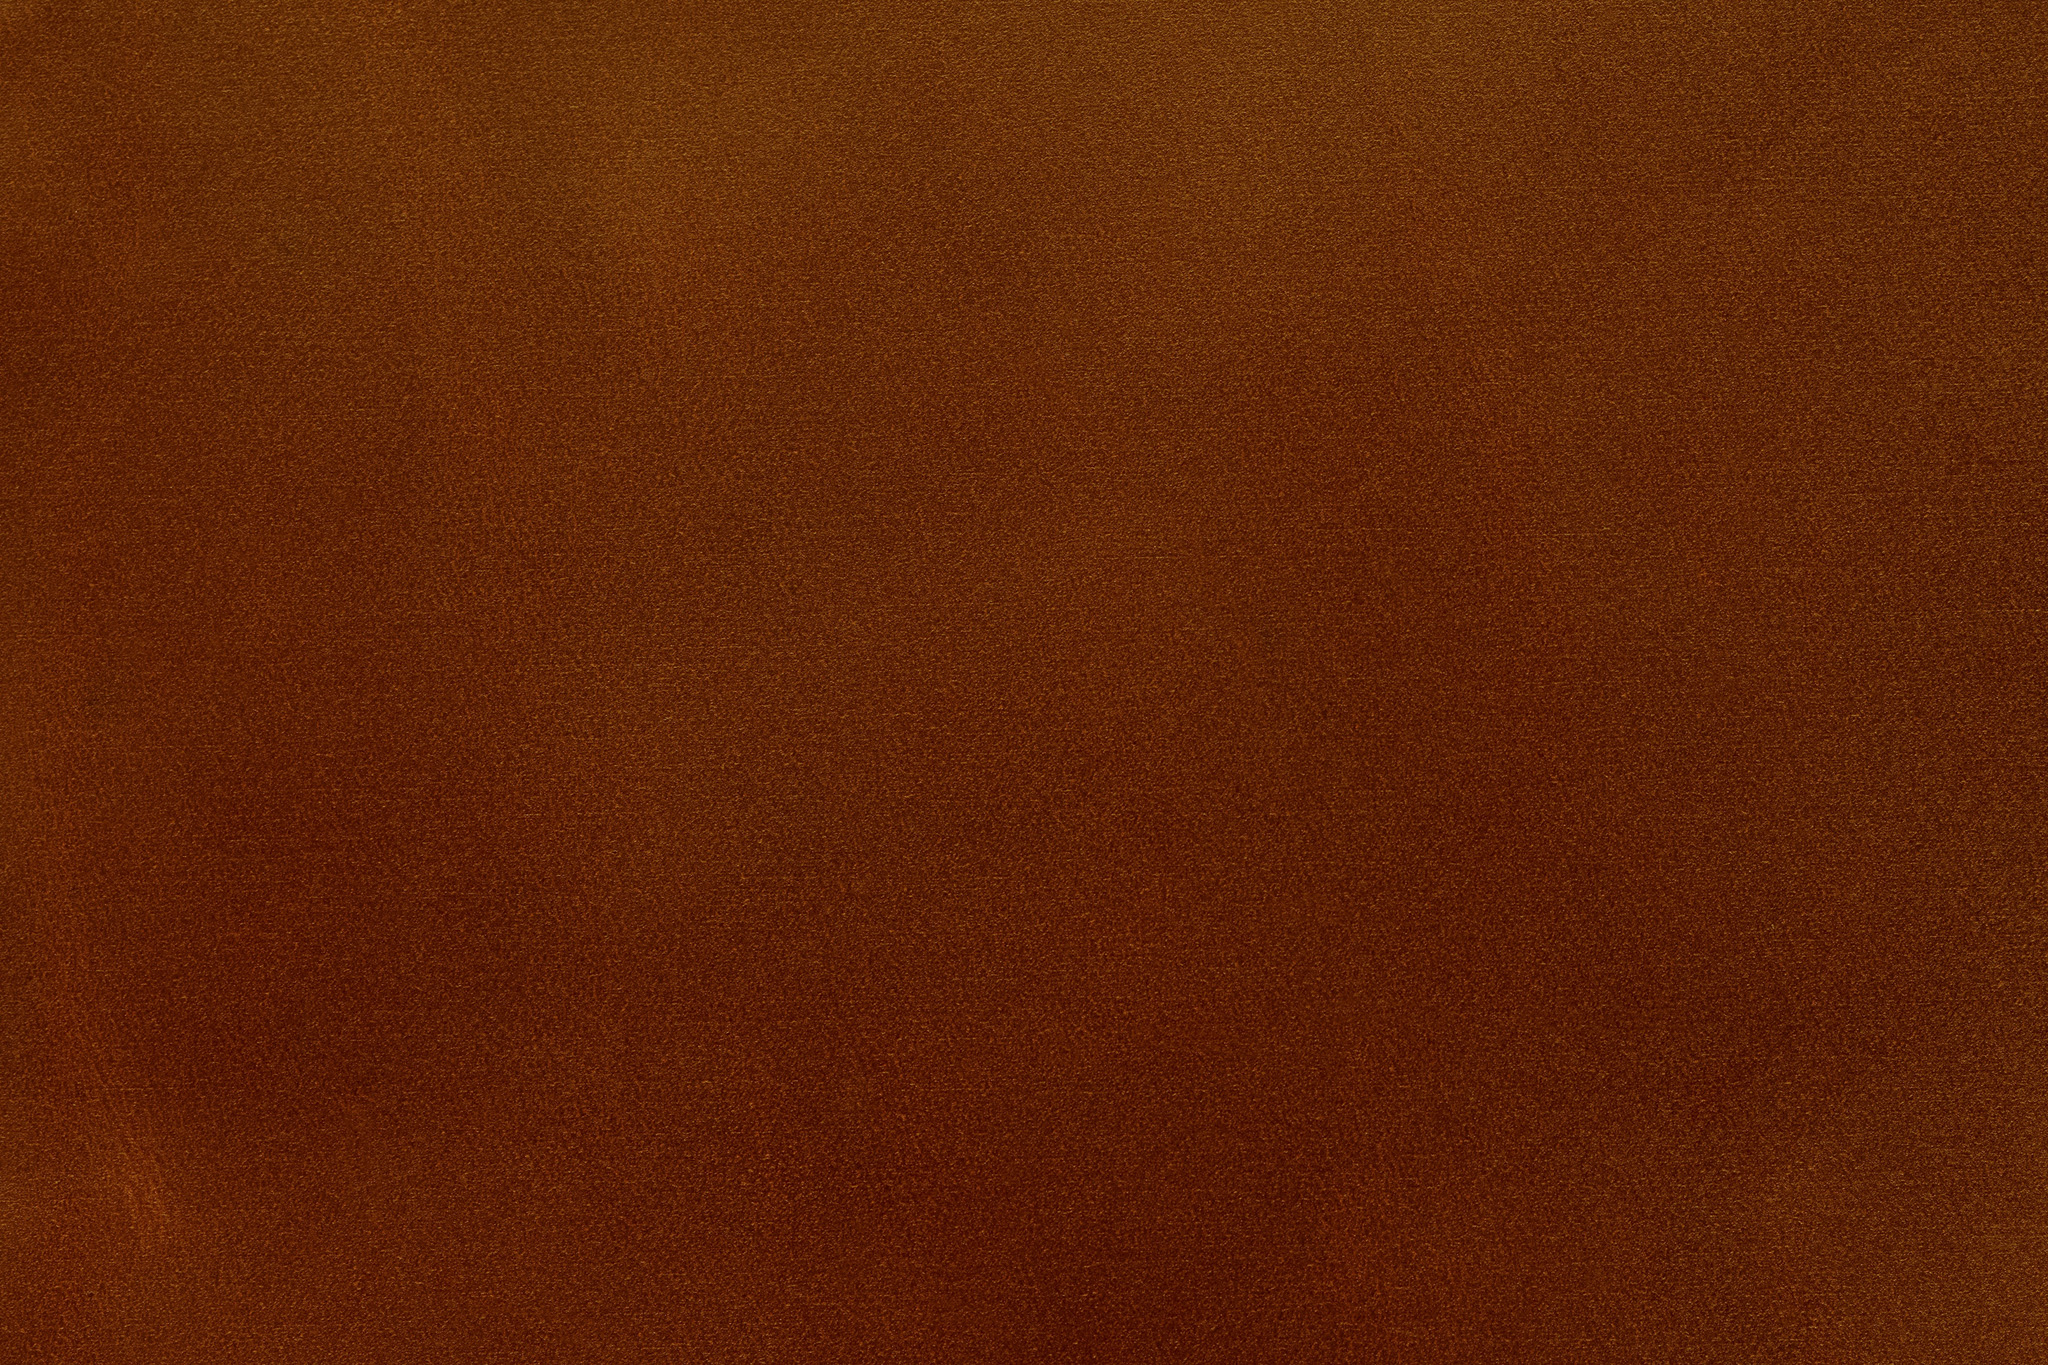 「滑らかな手触りの革の素材」の素材を無料ダウンロード